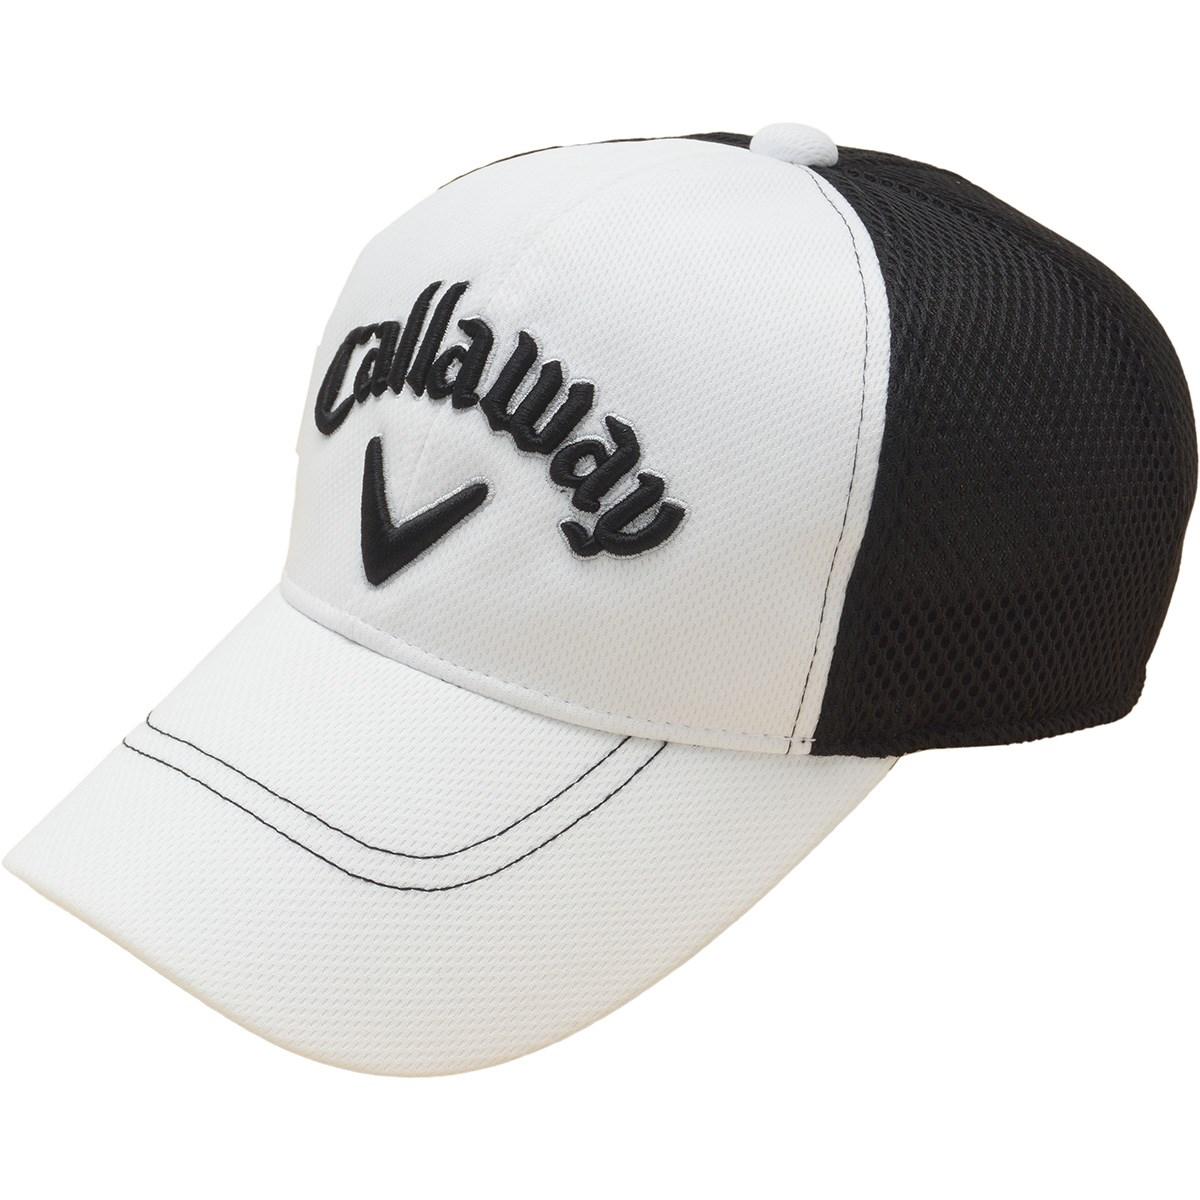 キャロウェイゴルフ(Callaway Golf) メッシュキャップ JM